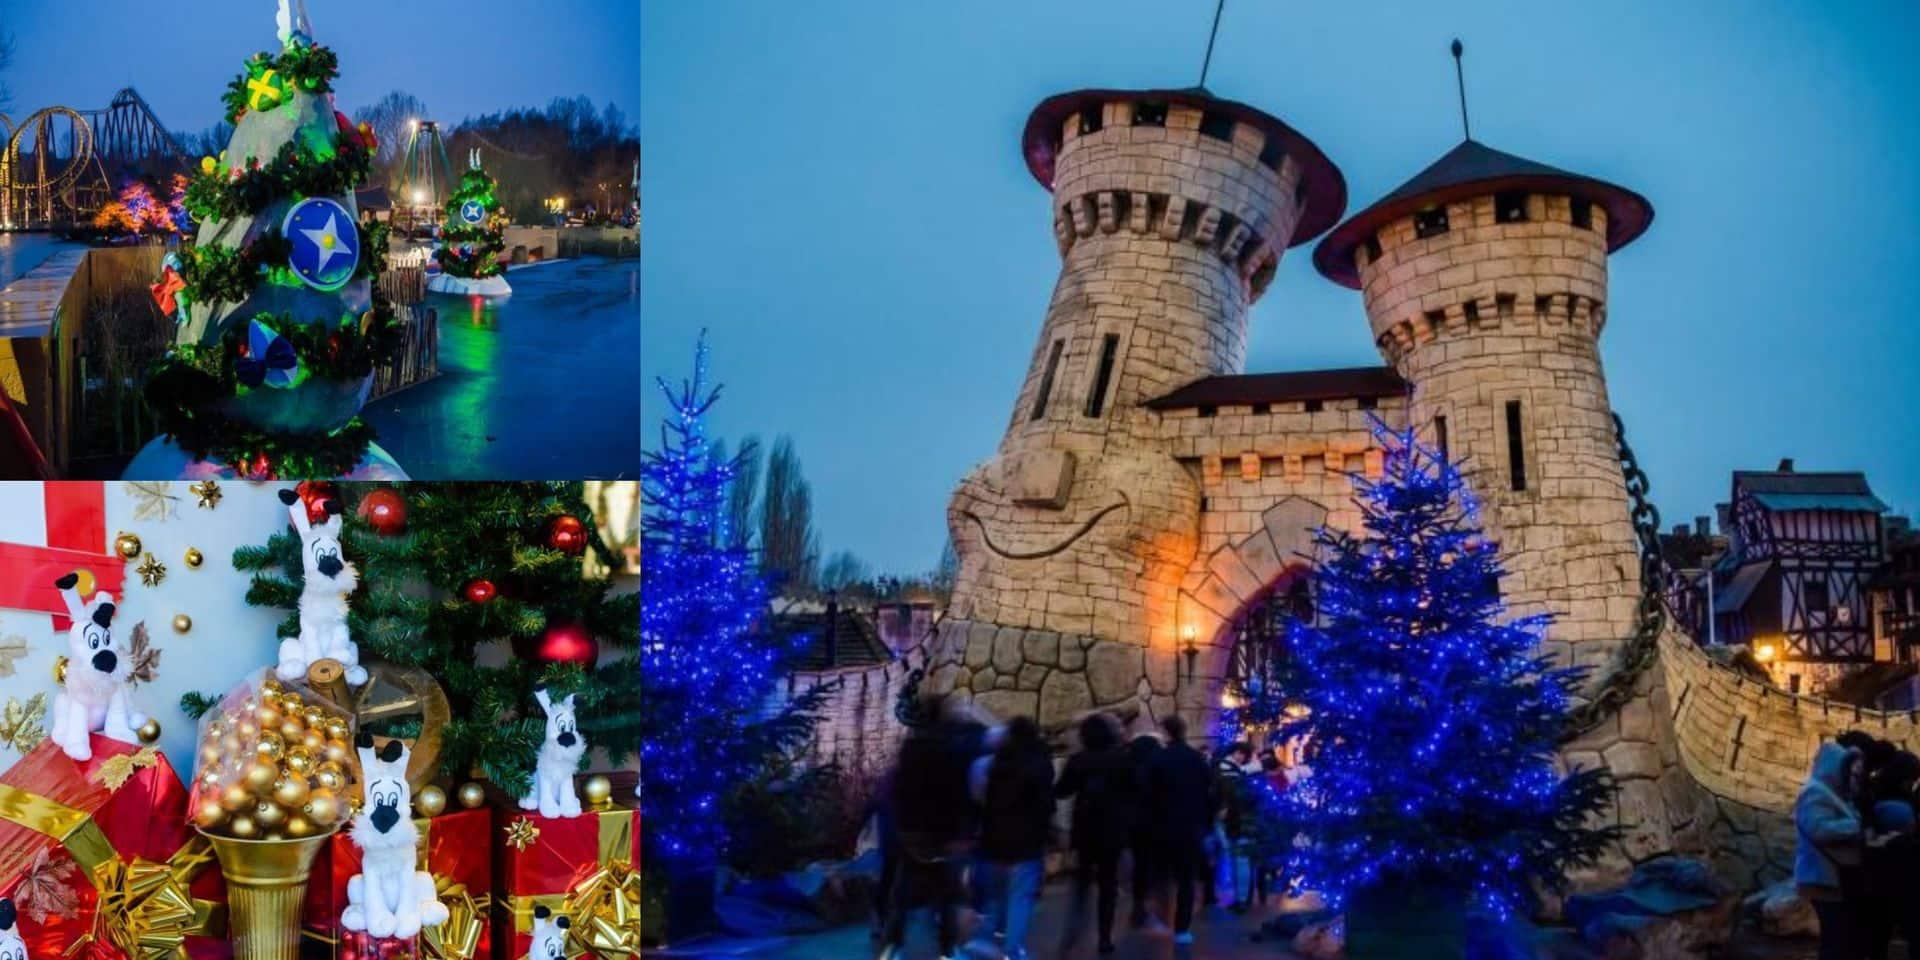 Le Parc Astérix ouvert pendant les fêtes : une première en 30 ans